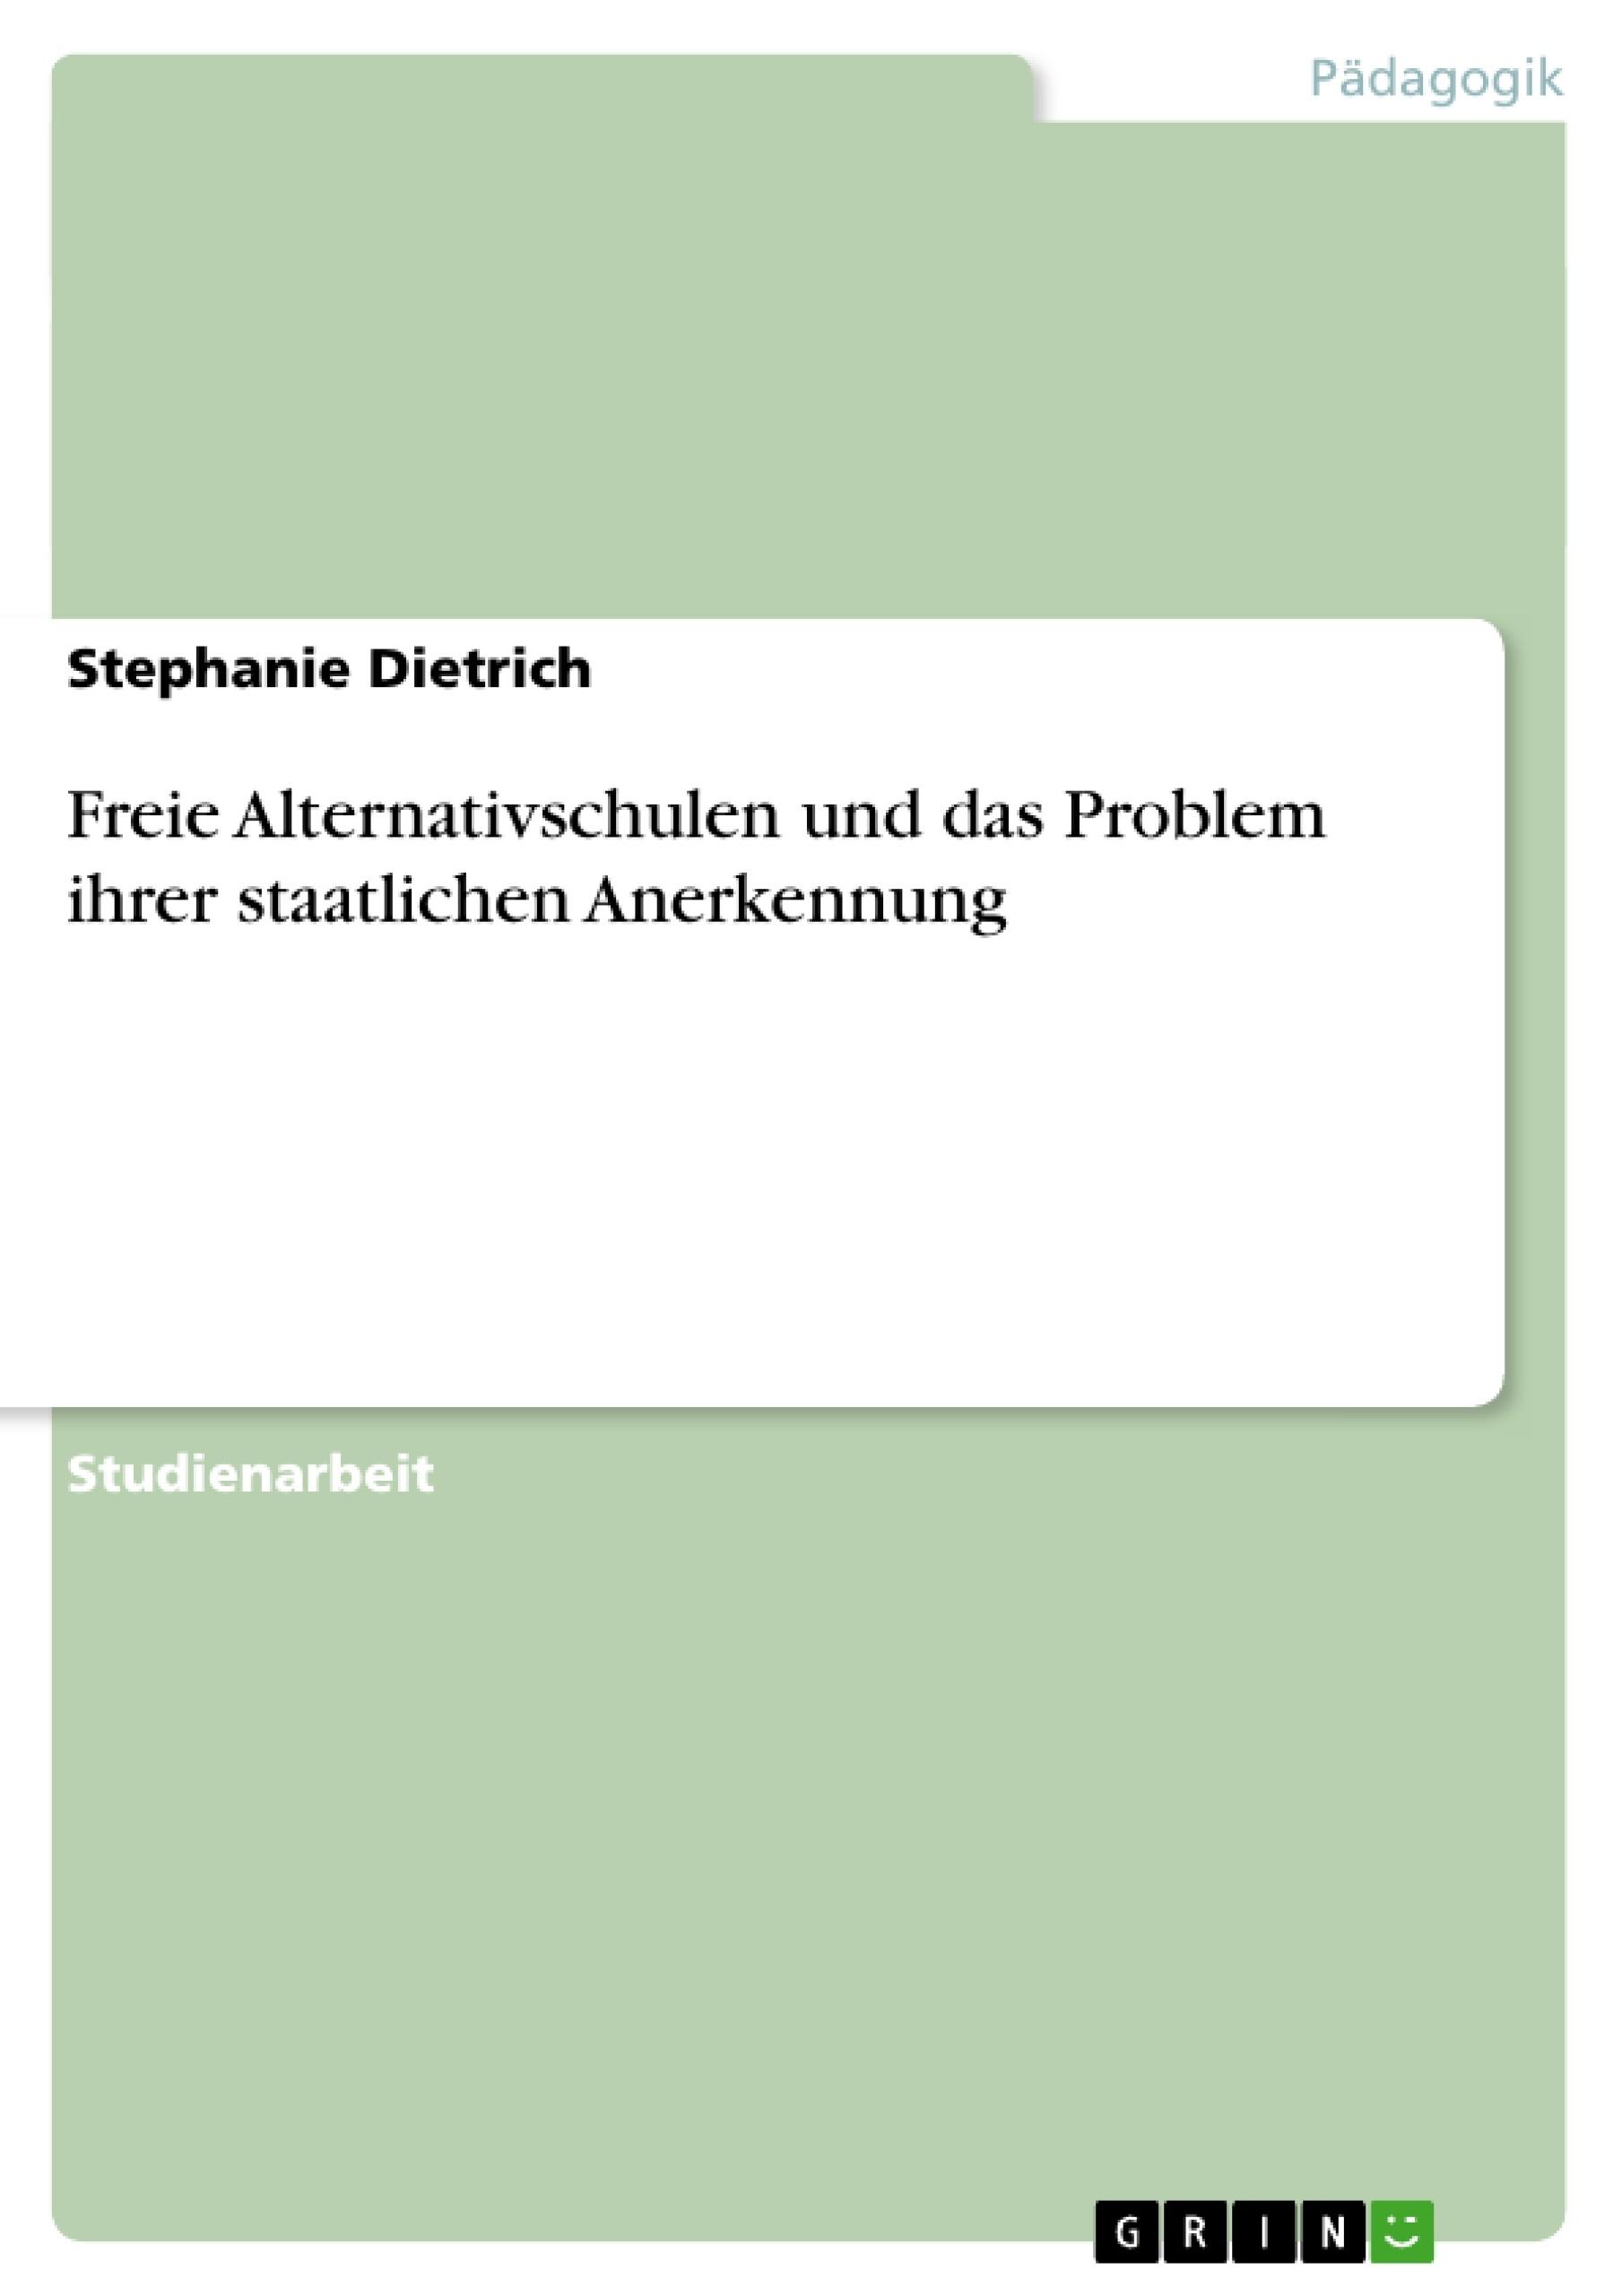 Titel: Freie Alternativschulen und das Problem ihrer staatlichen Anerkennung